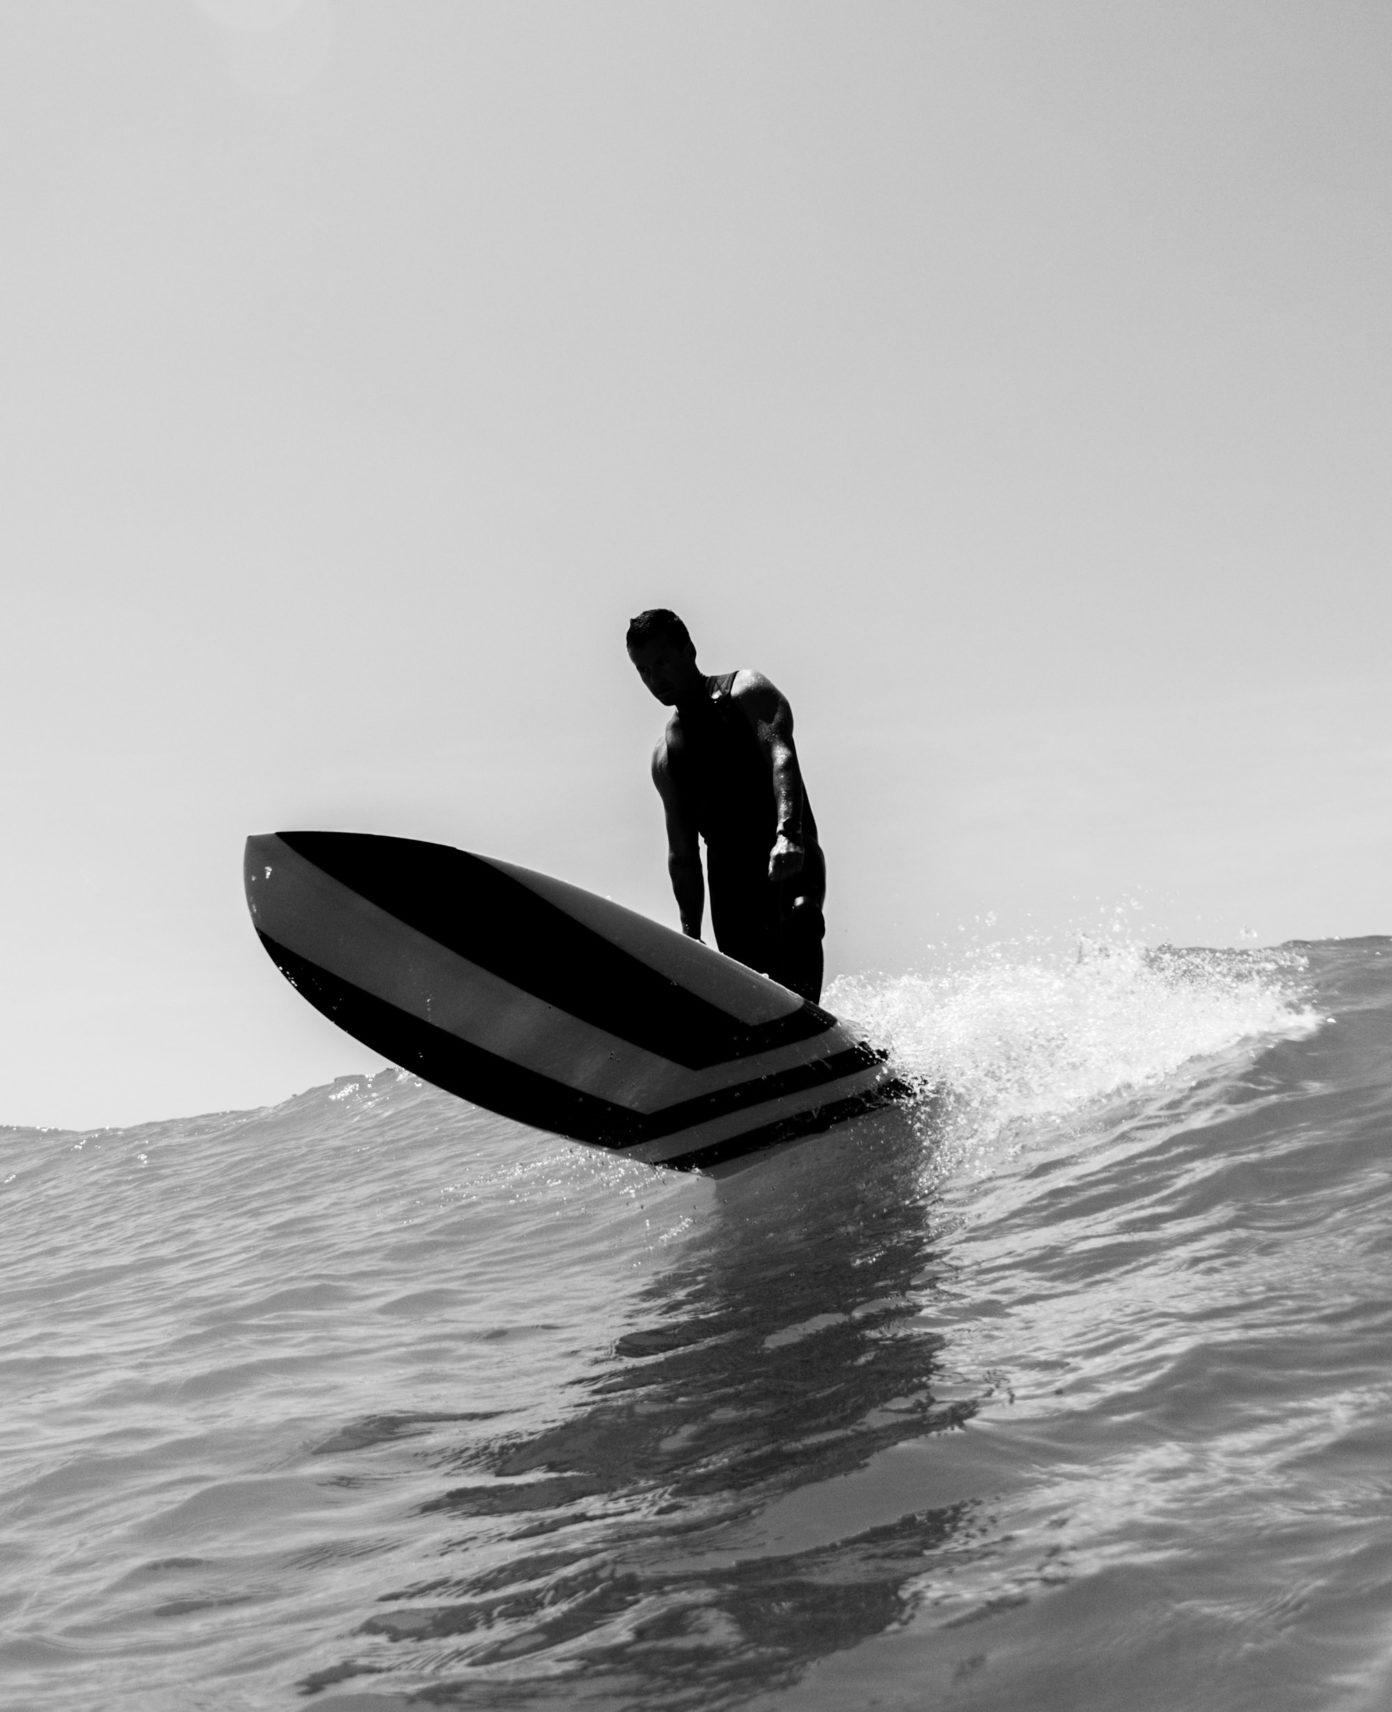 sebastien-zanella-surf-skate-photgraphy-9.jpg